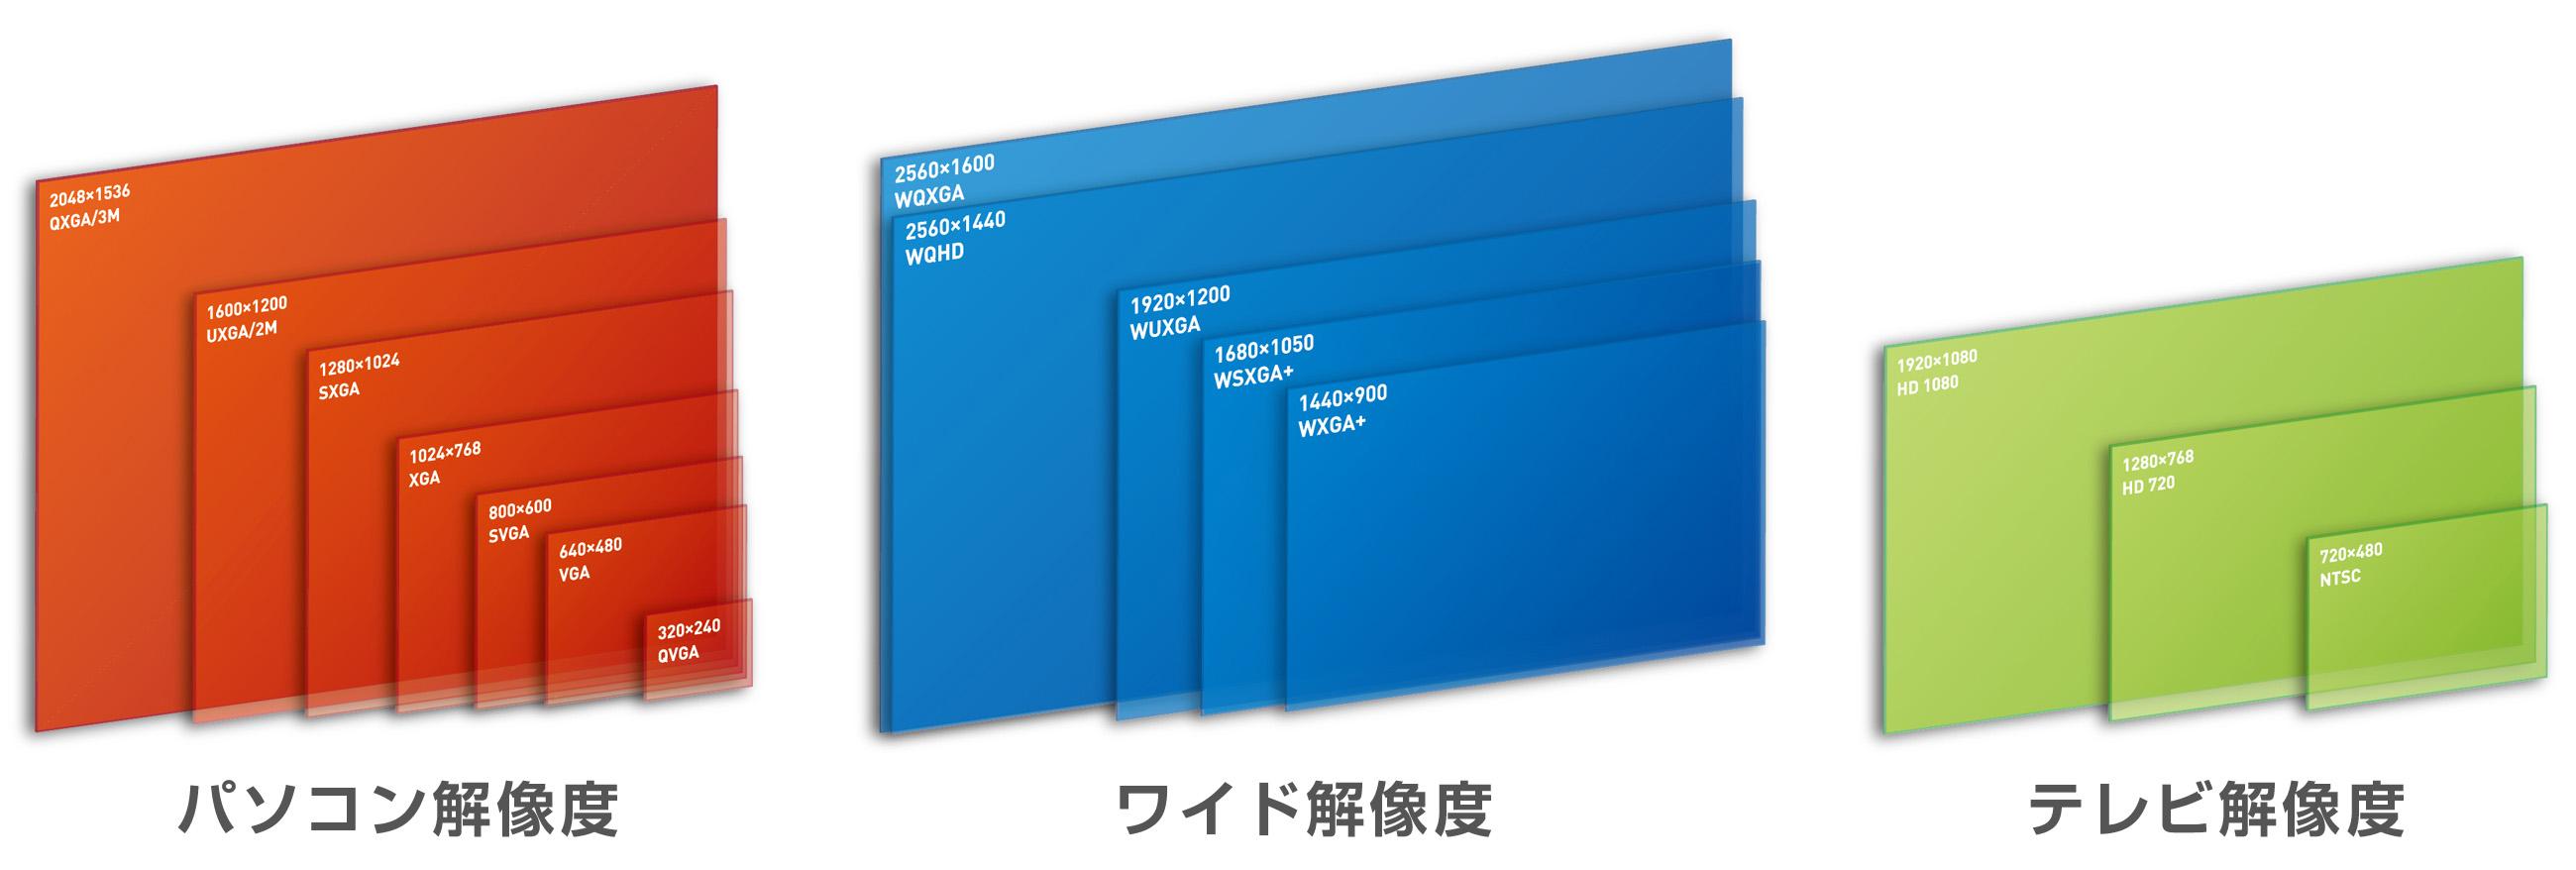 解像度表_3